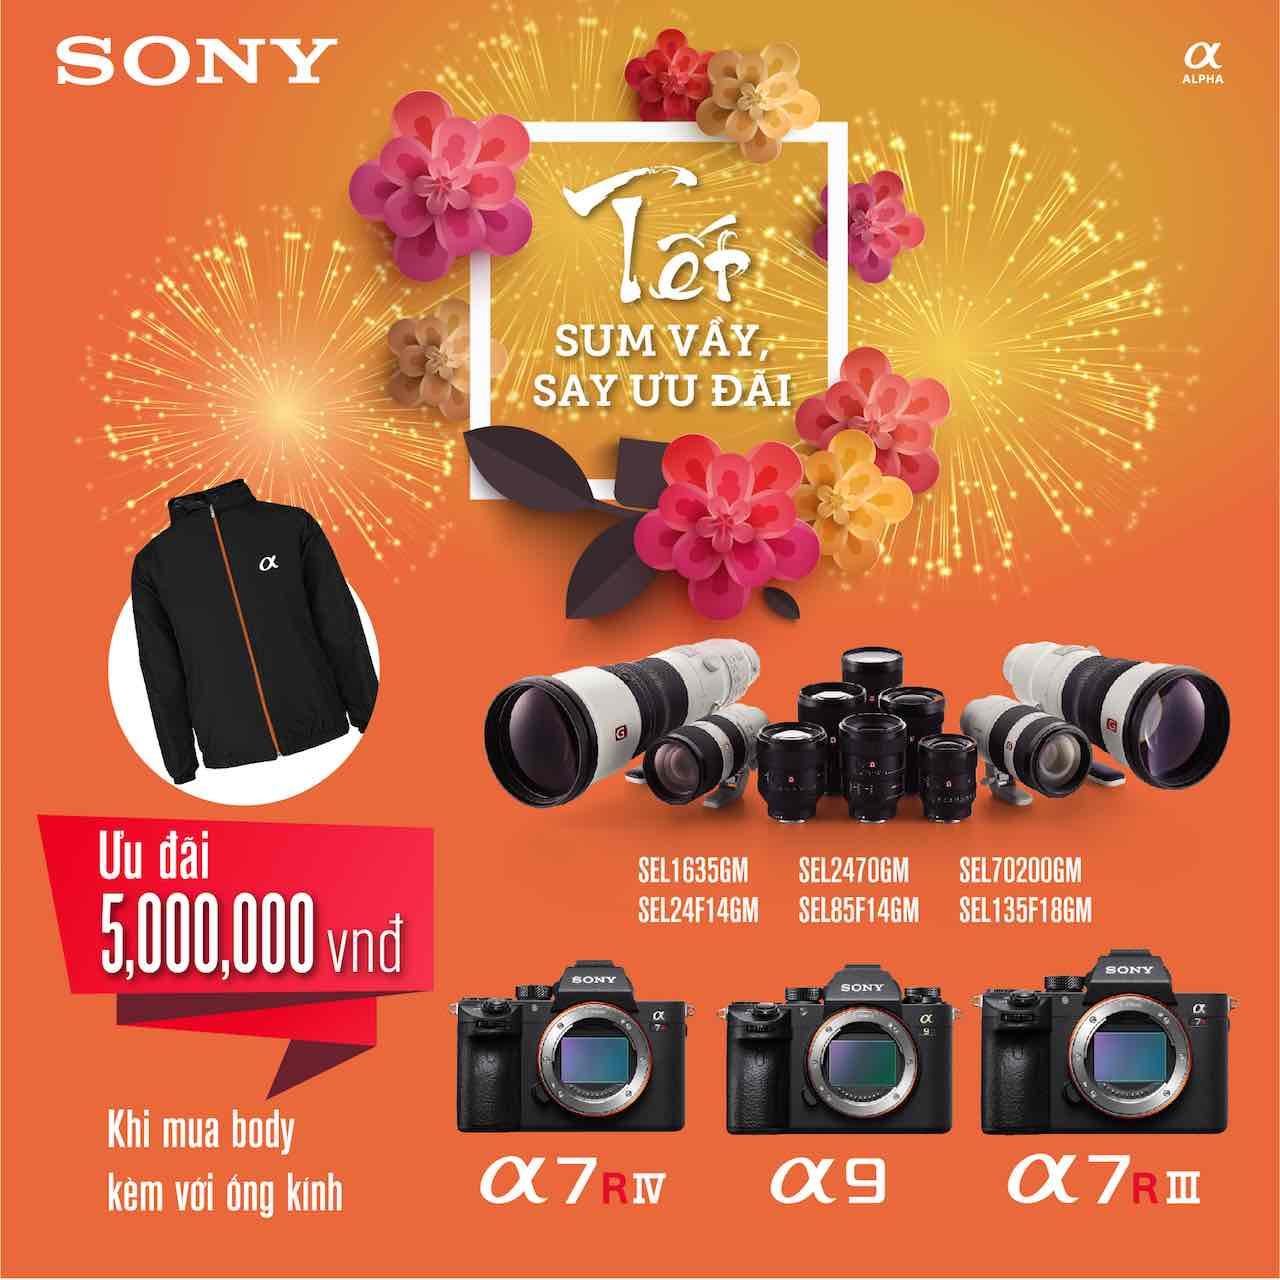 Sony tung khuyến mãi Tết 2020 cho máy ảnh và ống kính